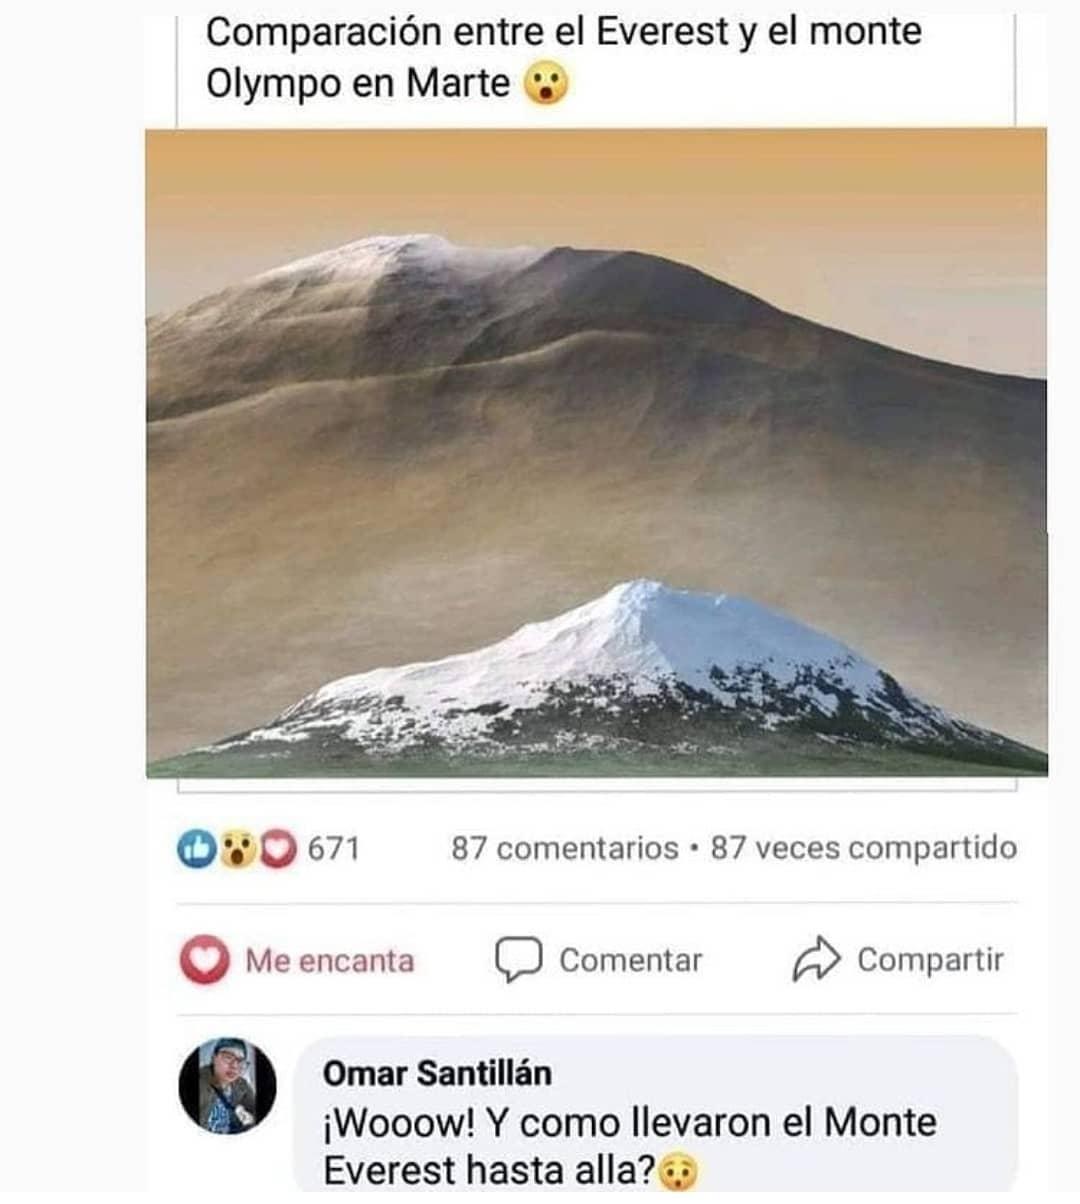 Comparación entre el Everest y el monte Olympo en Marte.  ¡Wooow! Y como llevaron el Monte Everest hasta allá?